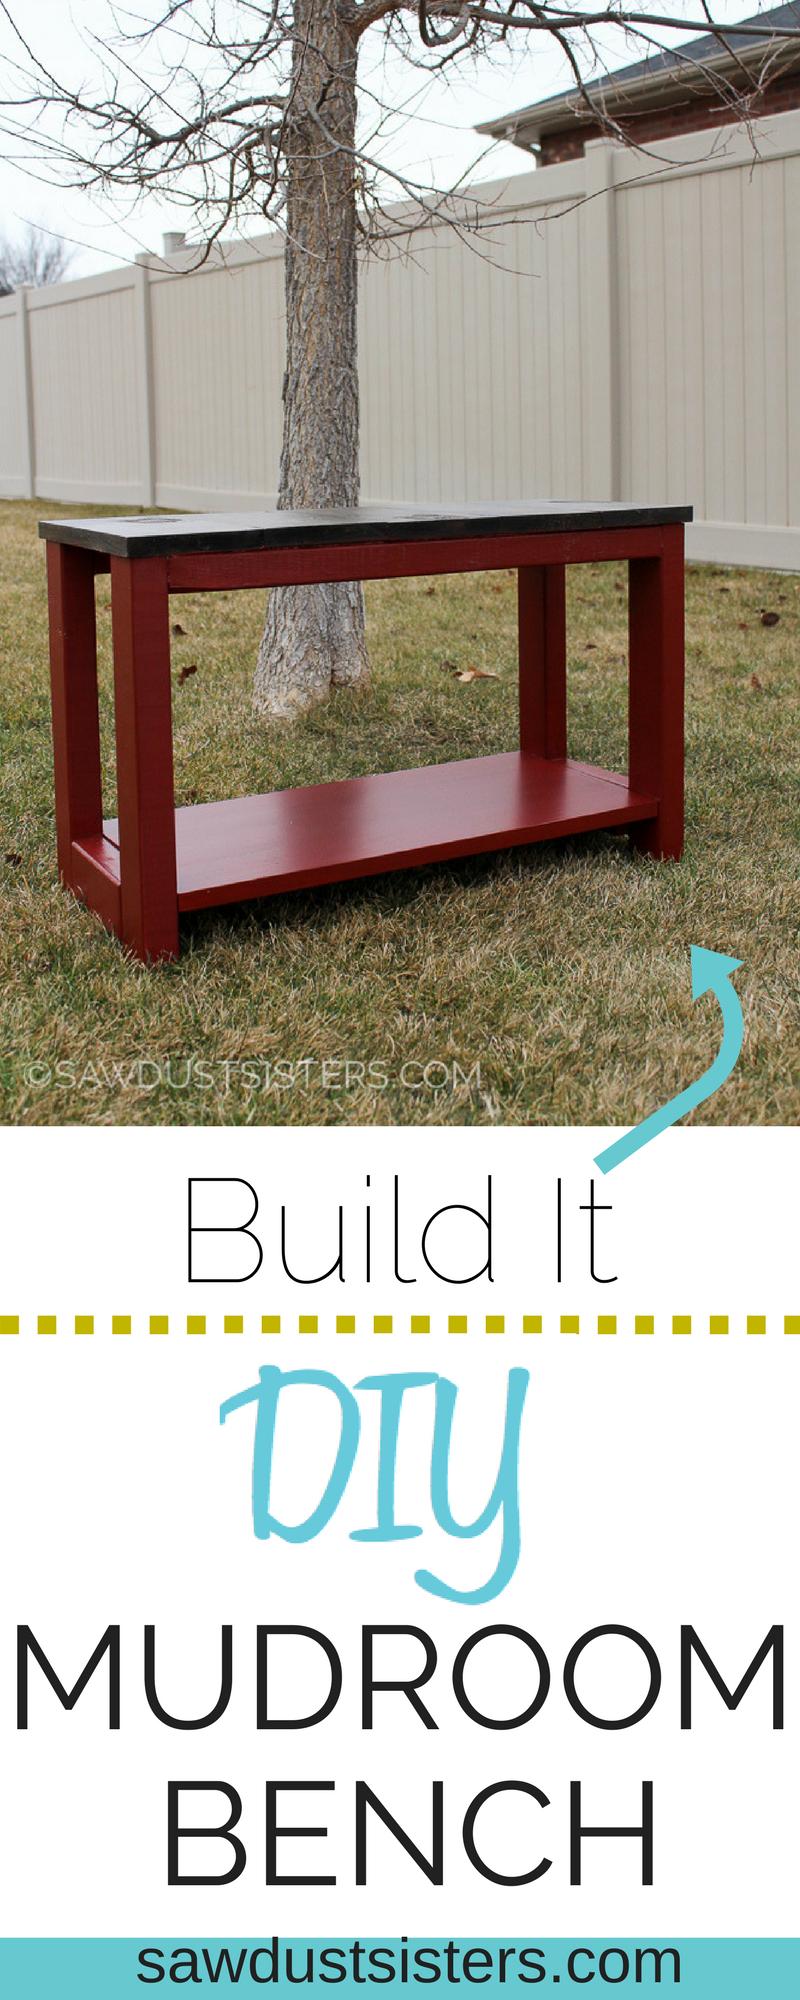 DIY Mudroom Bench from Scrap Wood